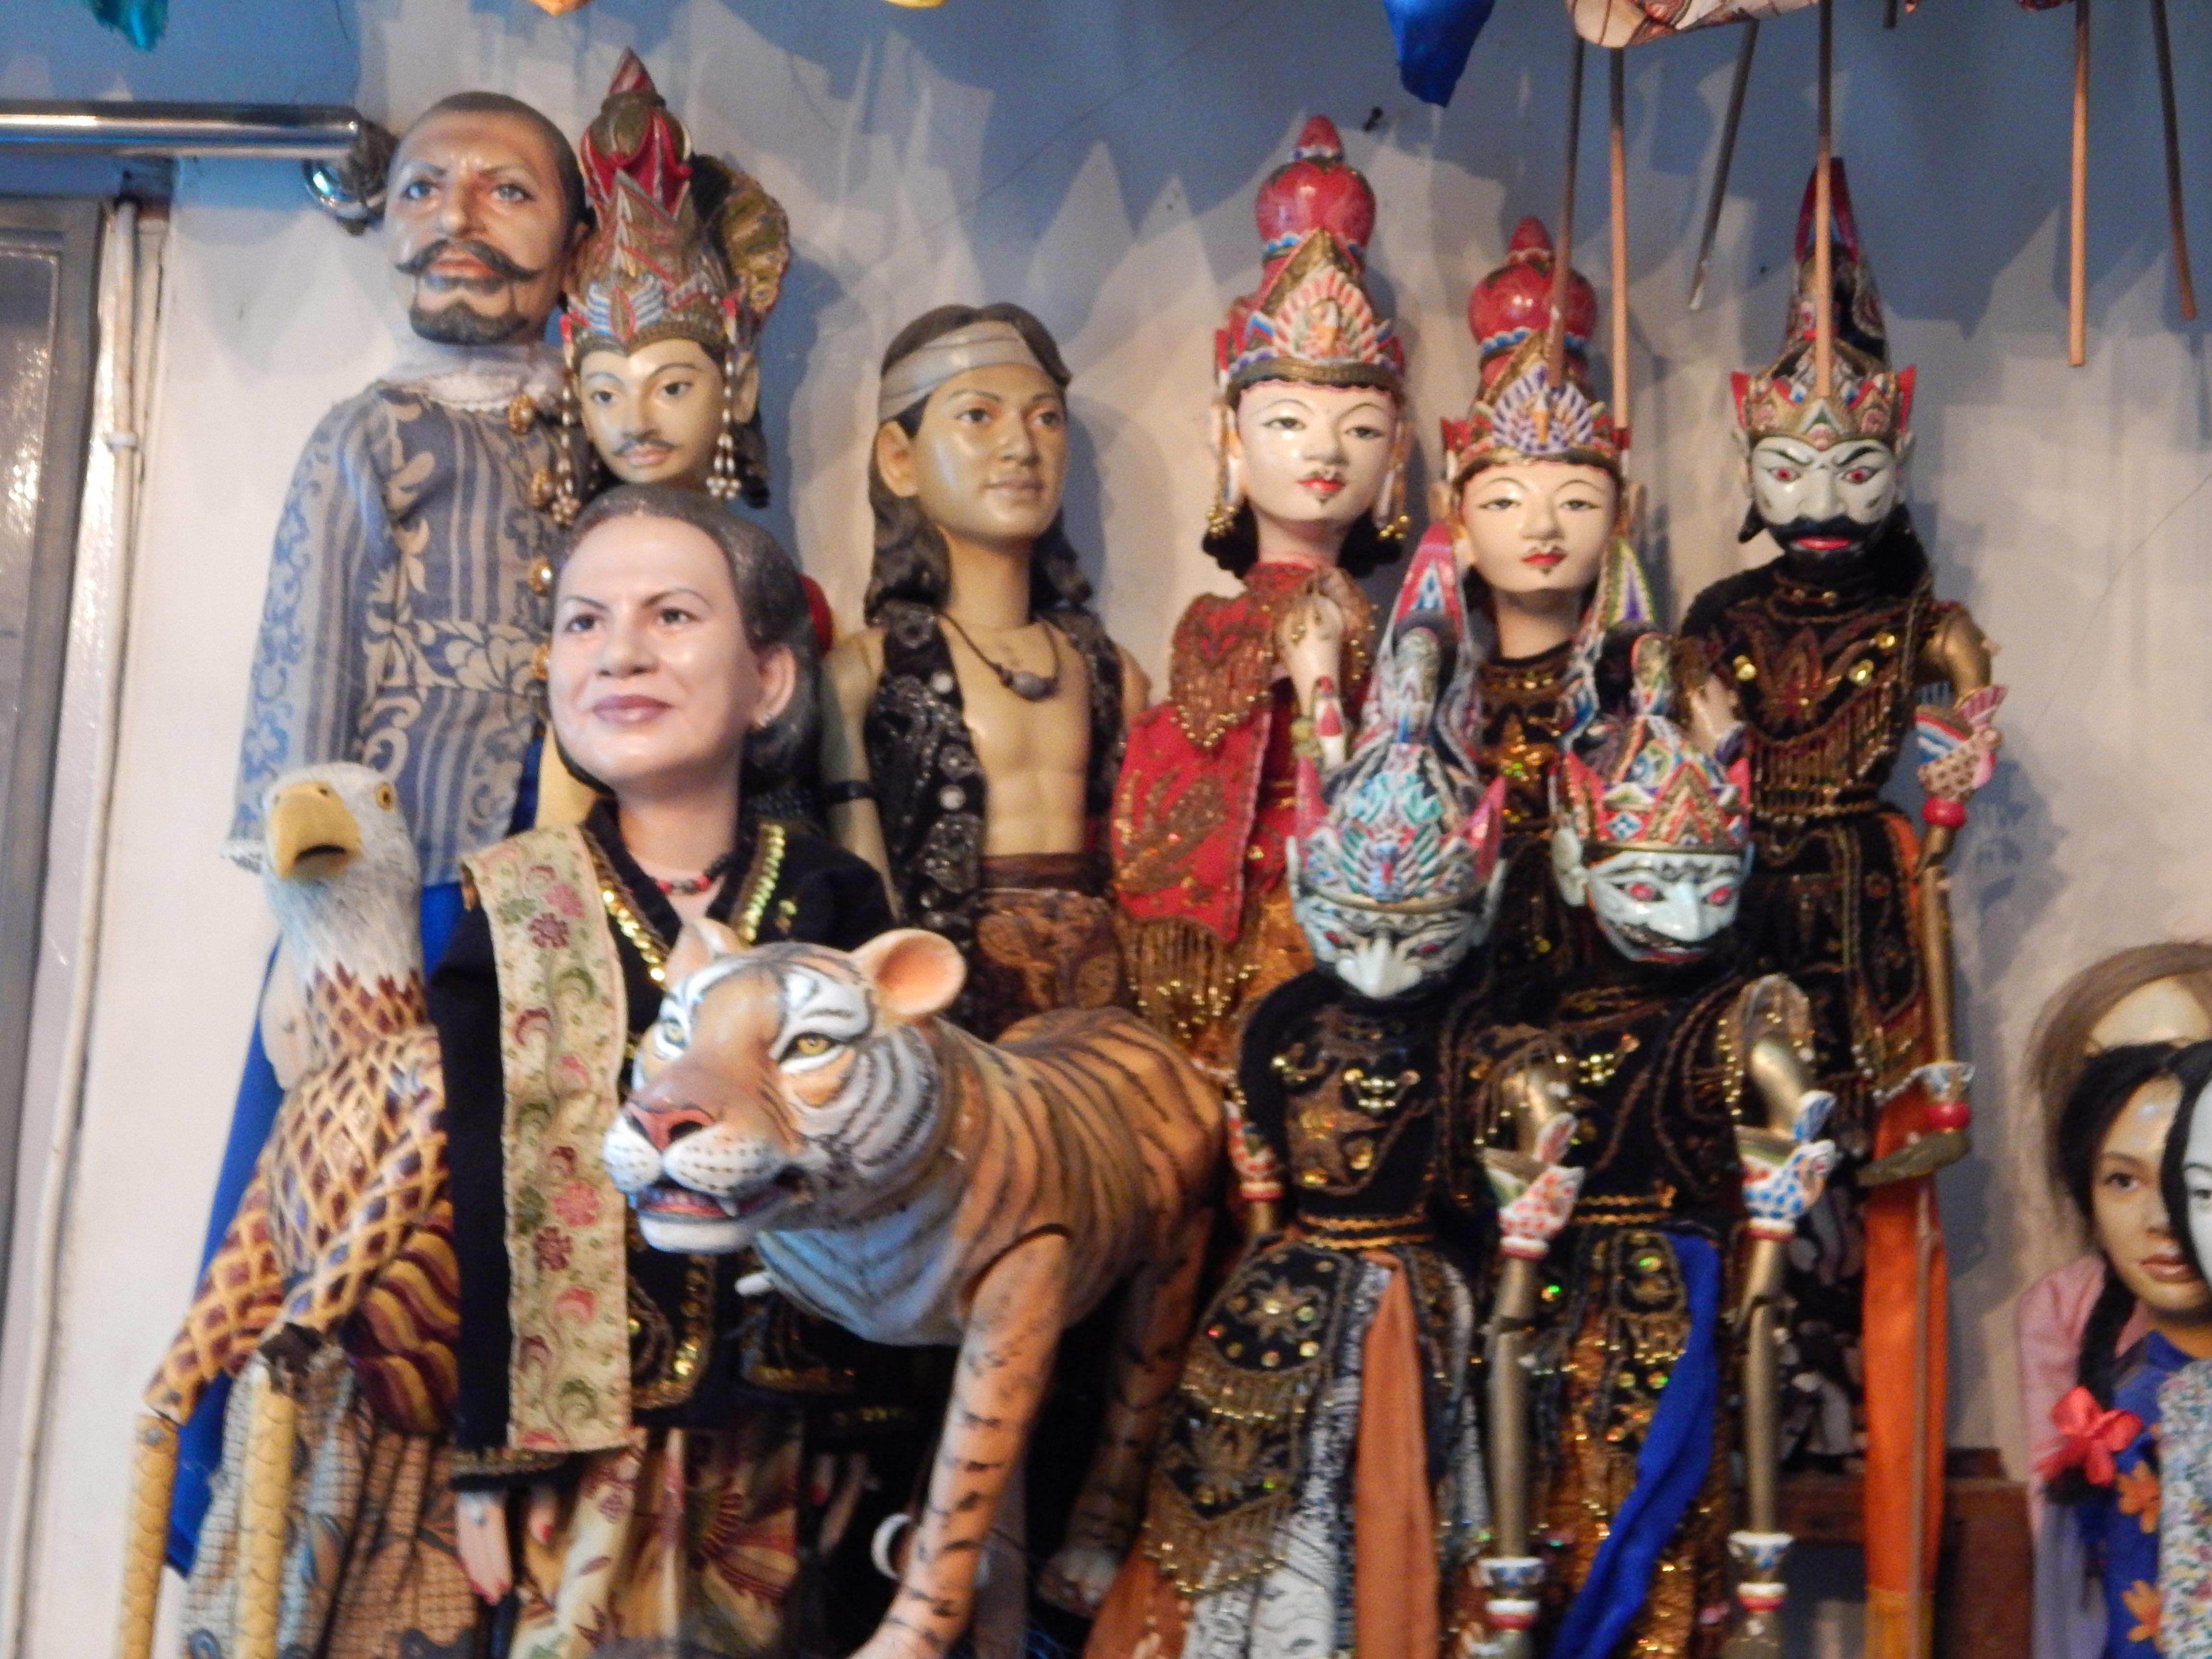 Collection de marionnettes à tiges : wayang golek purwa (à droite) et wayang golek lenong Betawi conçu par Tizar Purbaya (à gauche).